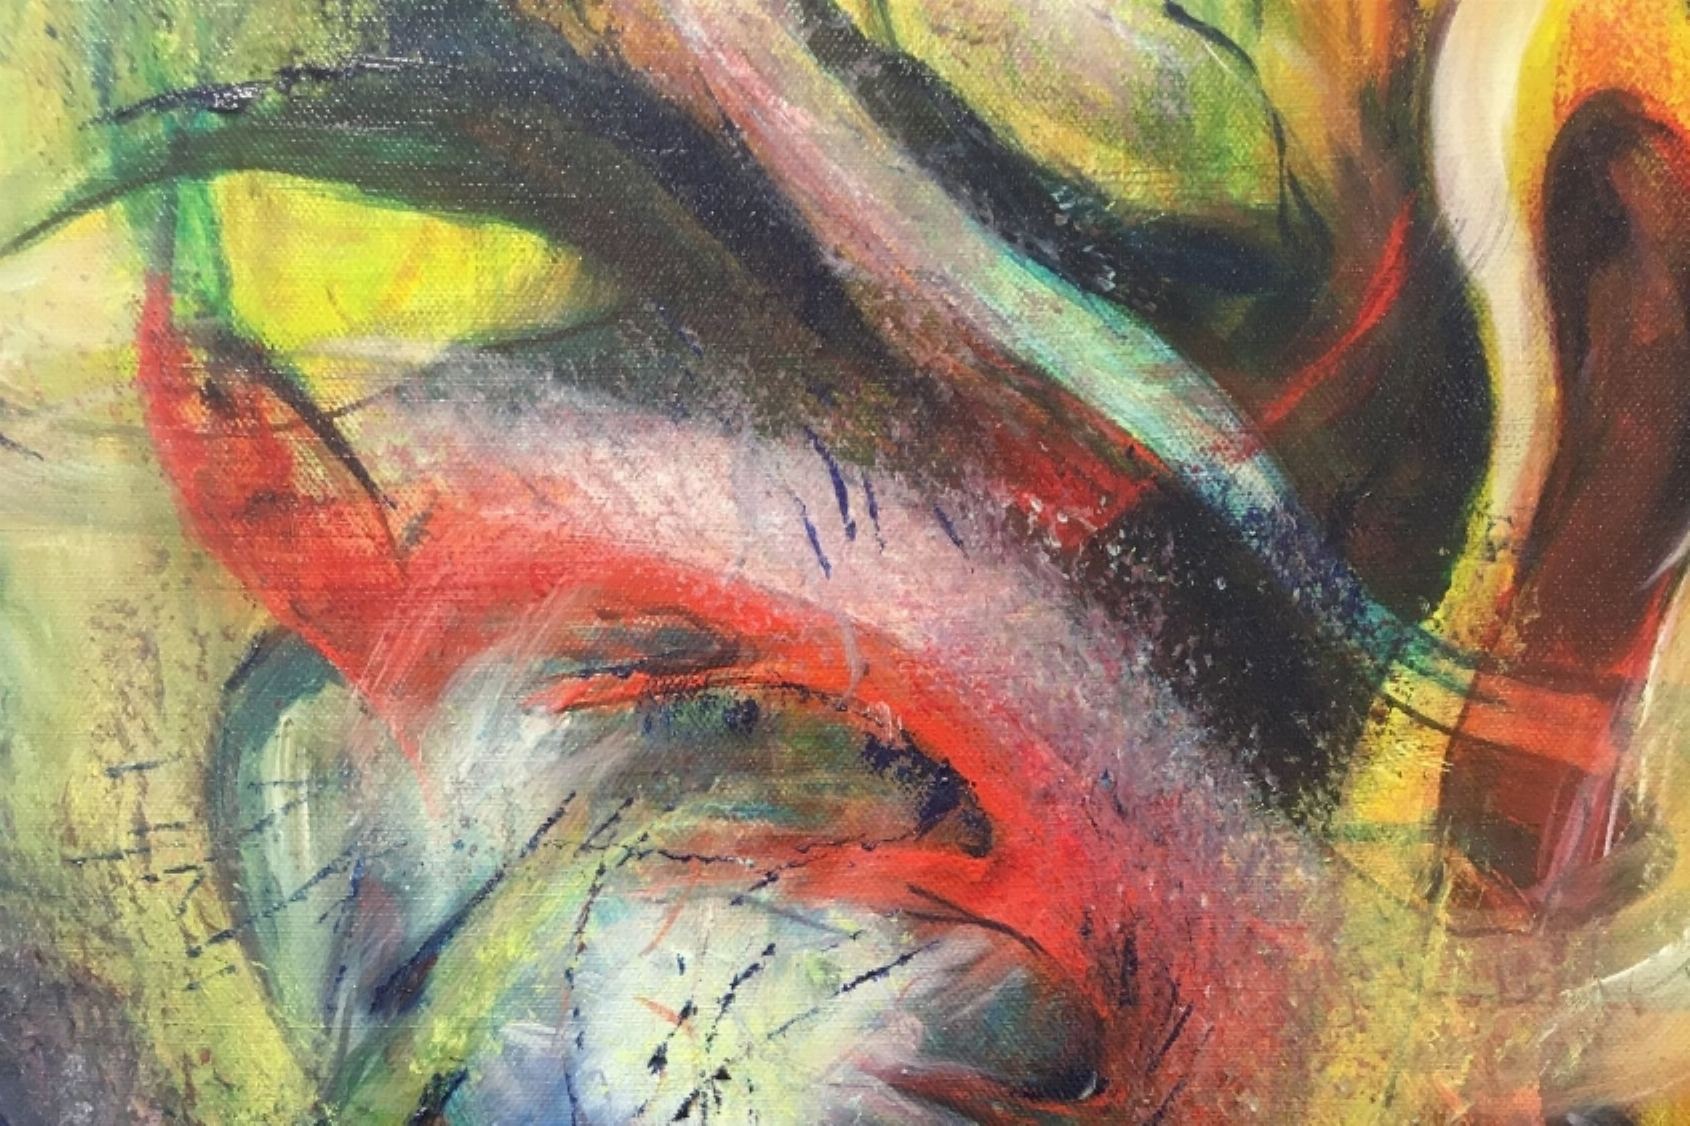 Schilderlessen 'Abstract ' en 'reset jouw creativiteit'